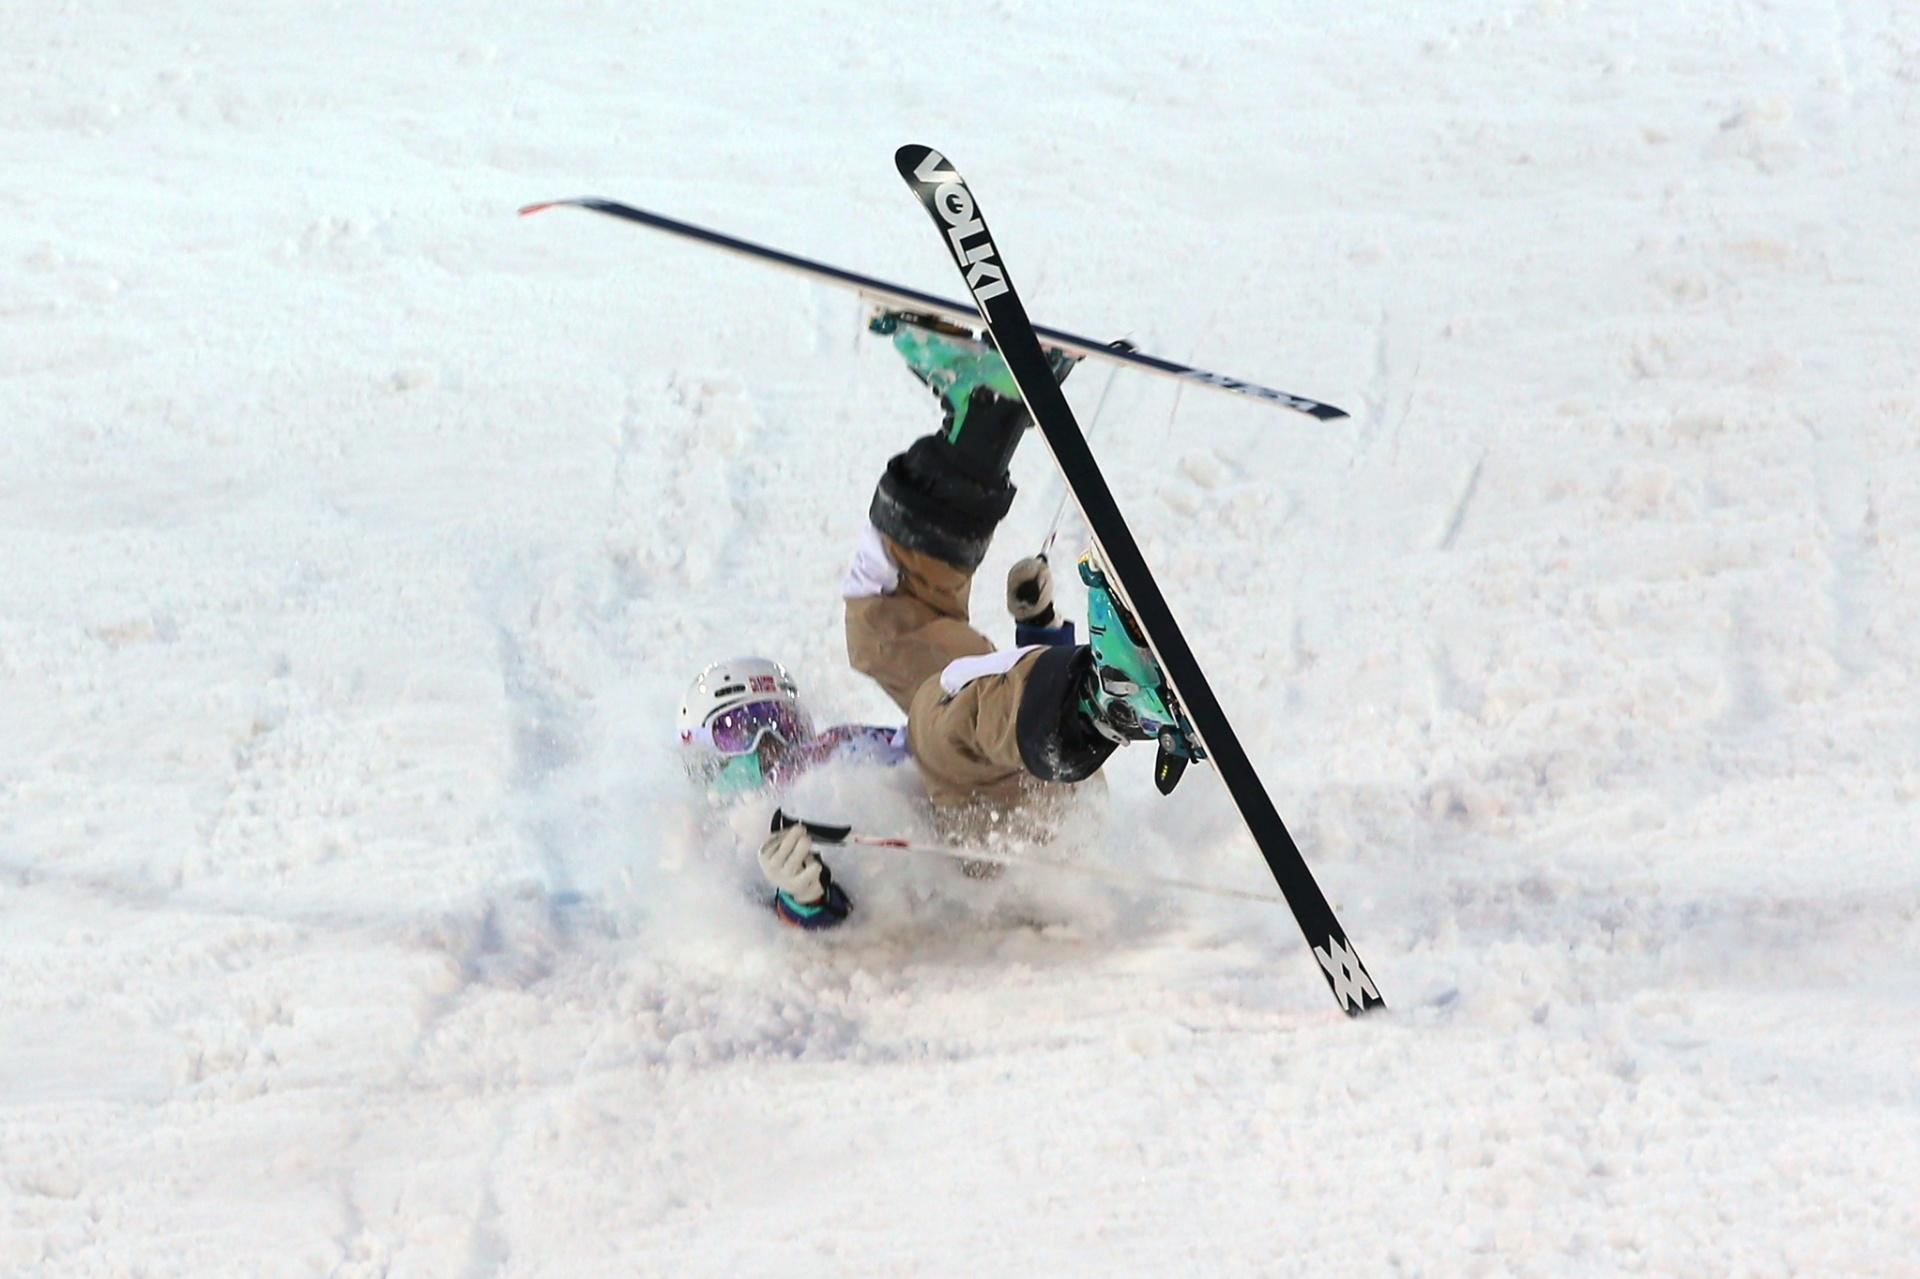 09.02.2014 - Hedvig Wessel, da Noruega, caiu durante a competição feminina do ski freestyle